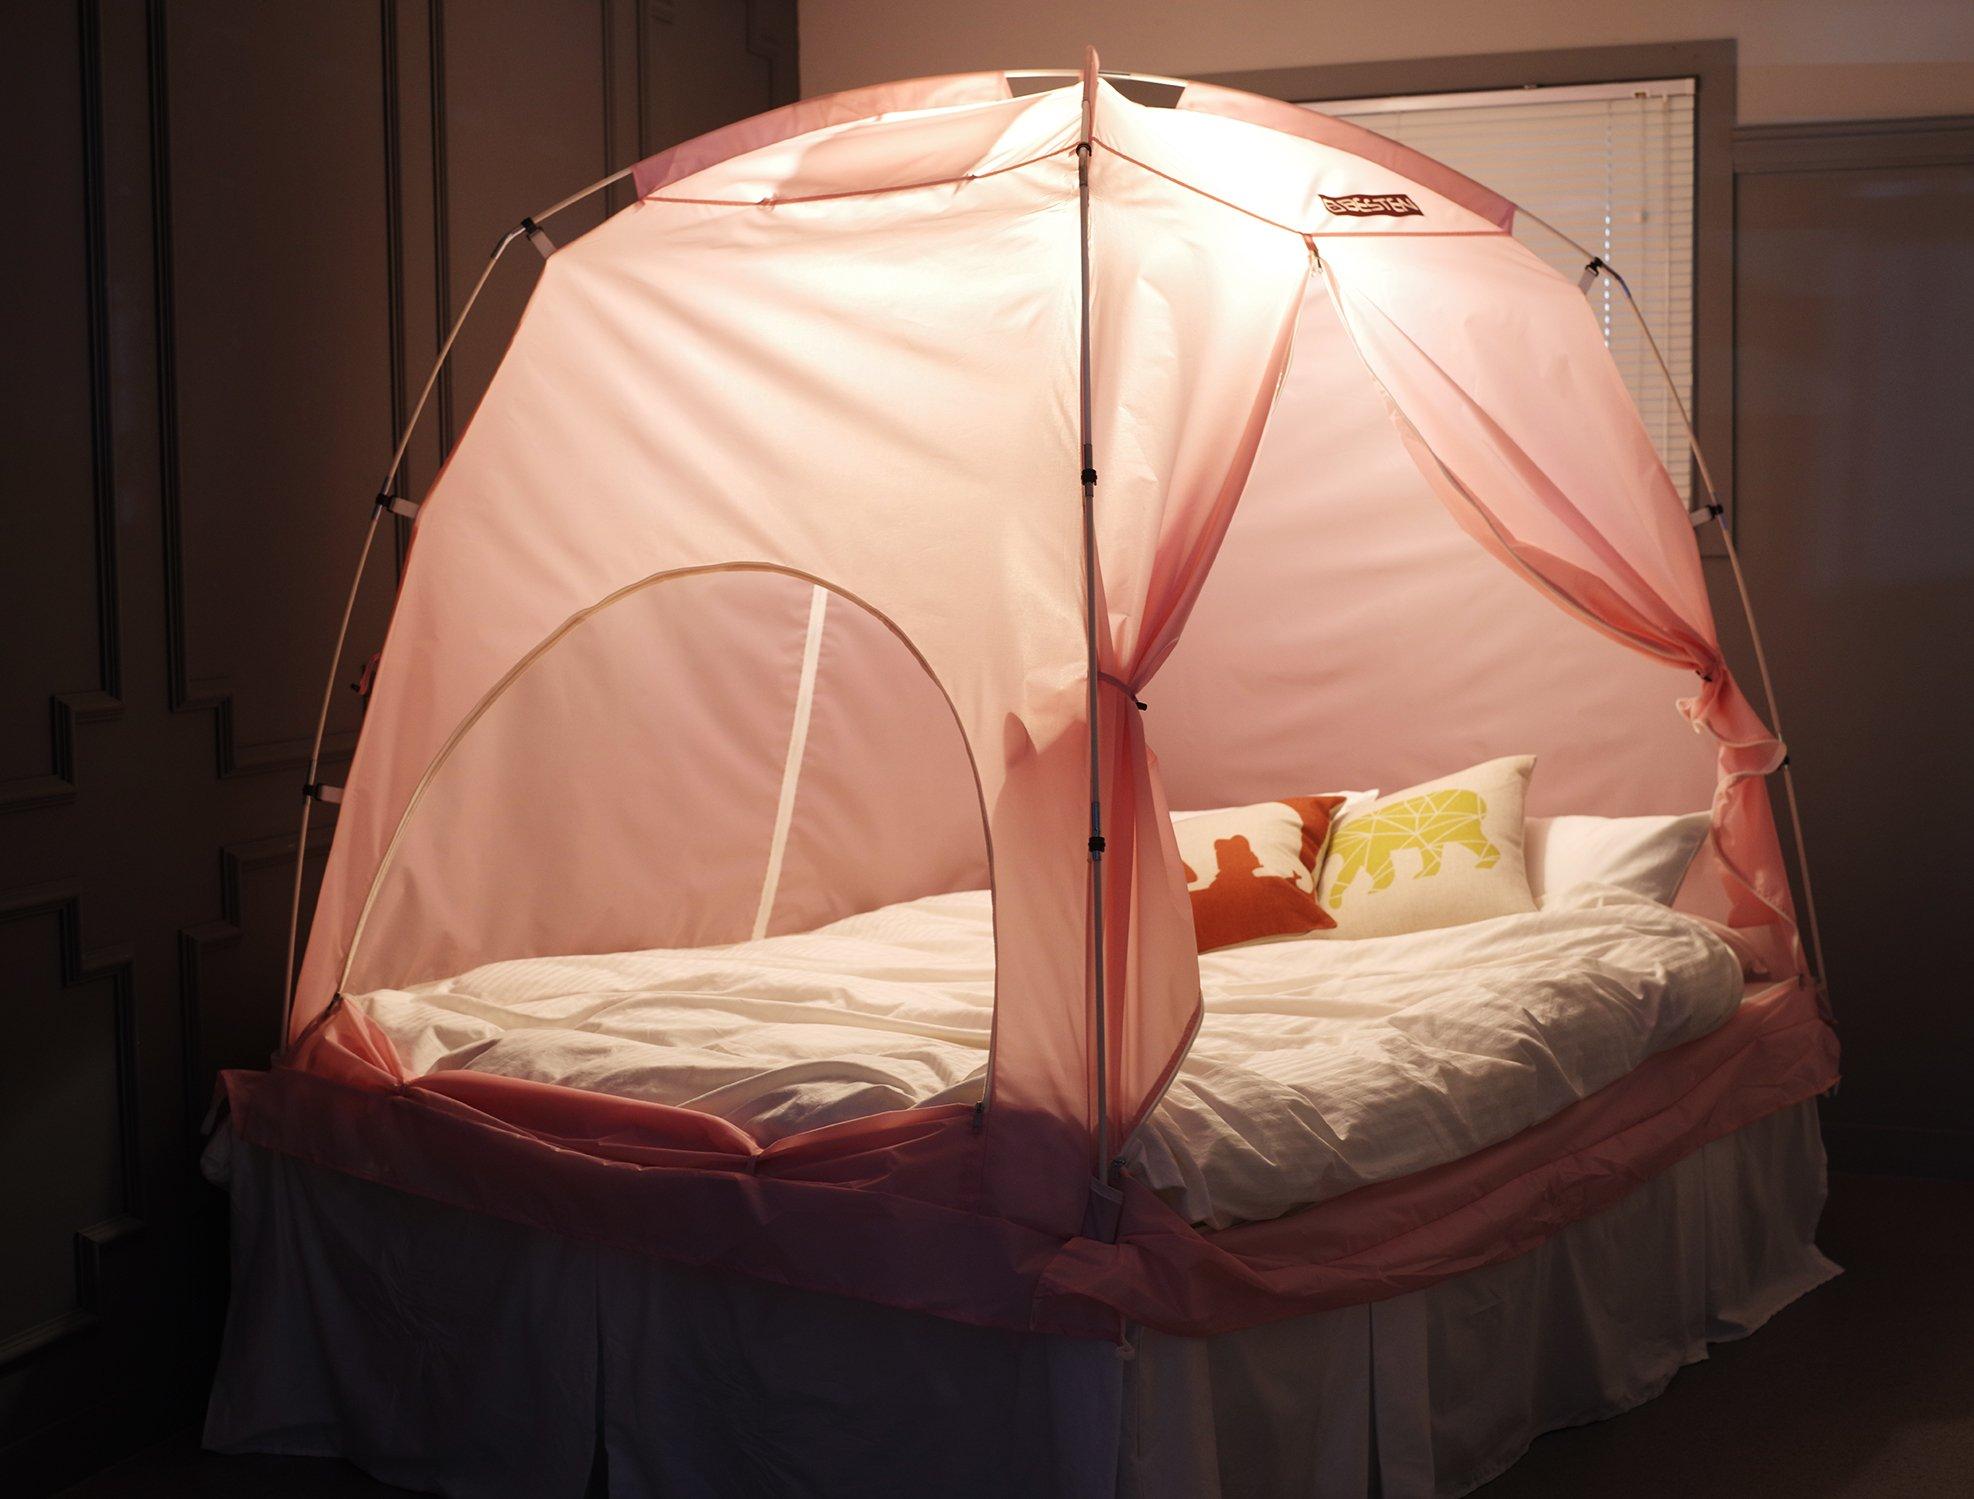 BESTEN Floorless Indoor Privacy Tent on Bed for Warm and Cozy Sleep inside Drafy Room (FULL/QUEEN, Pink)